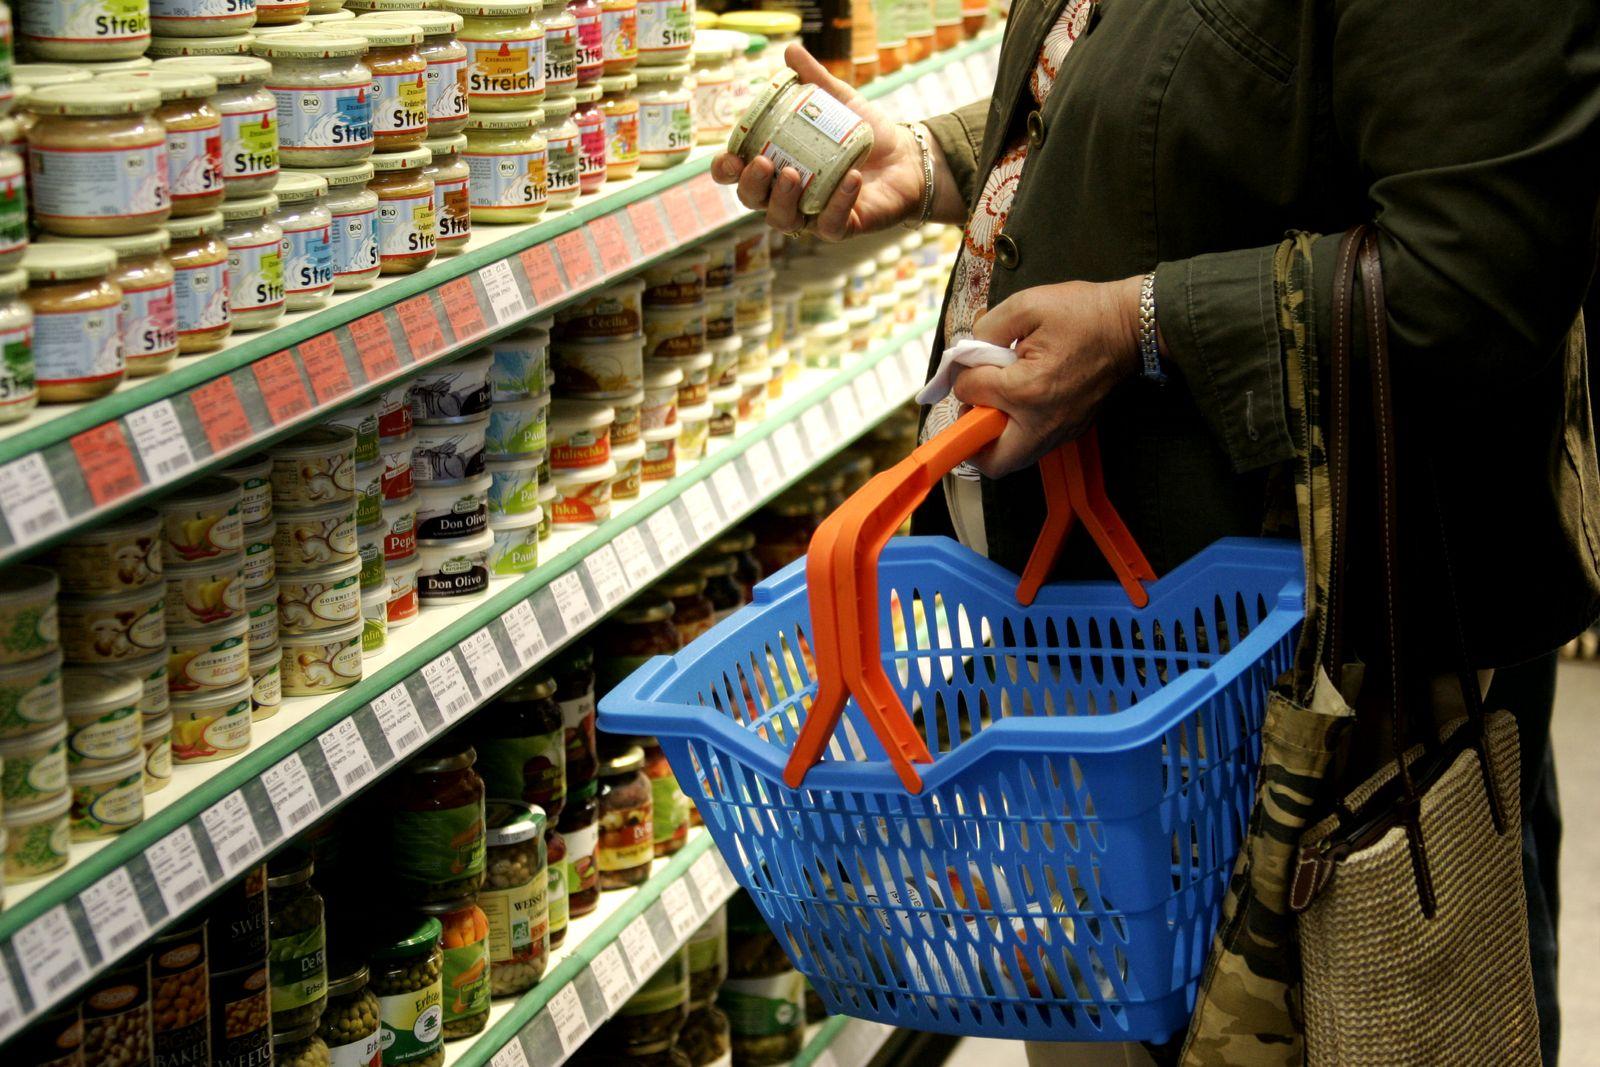 NICHT VERWENDEN Biomarkt / Kunde